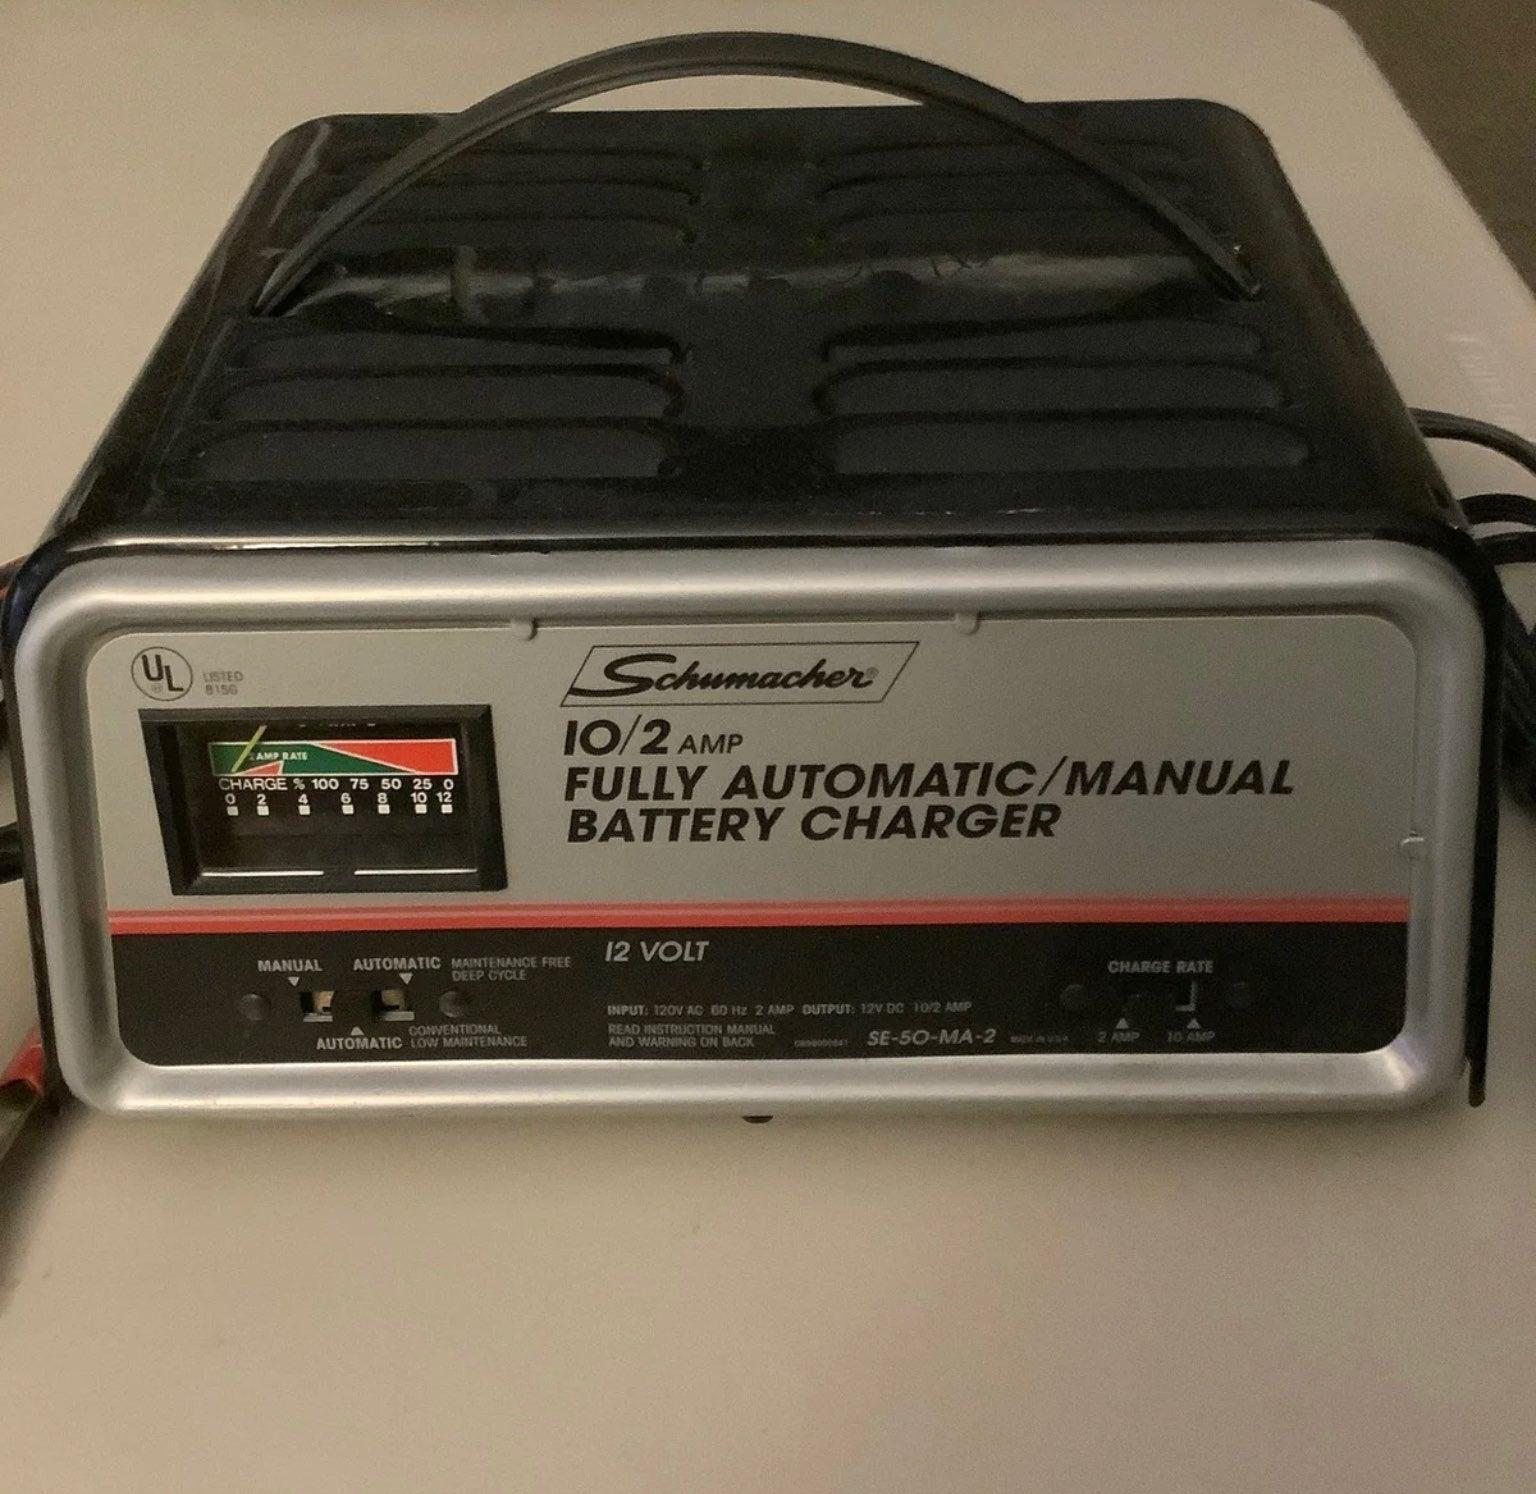 Schumacher 10/2 Amp Battery Charger